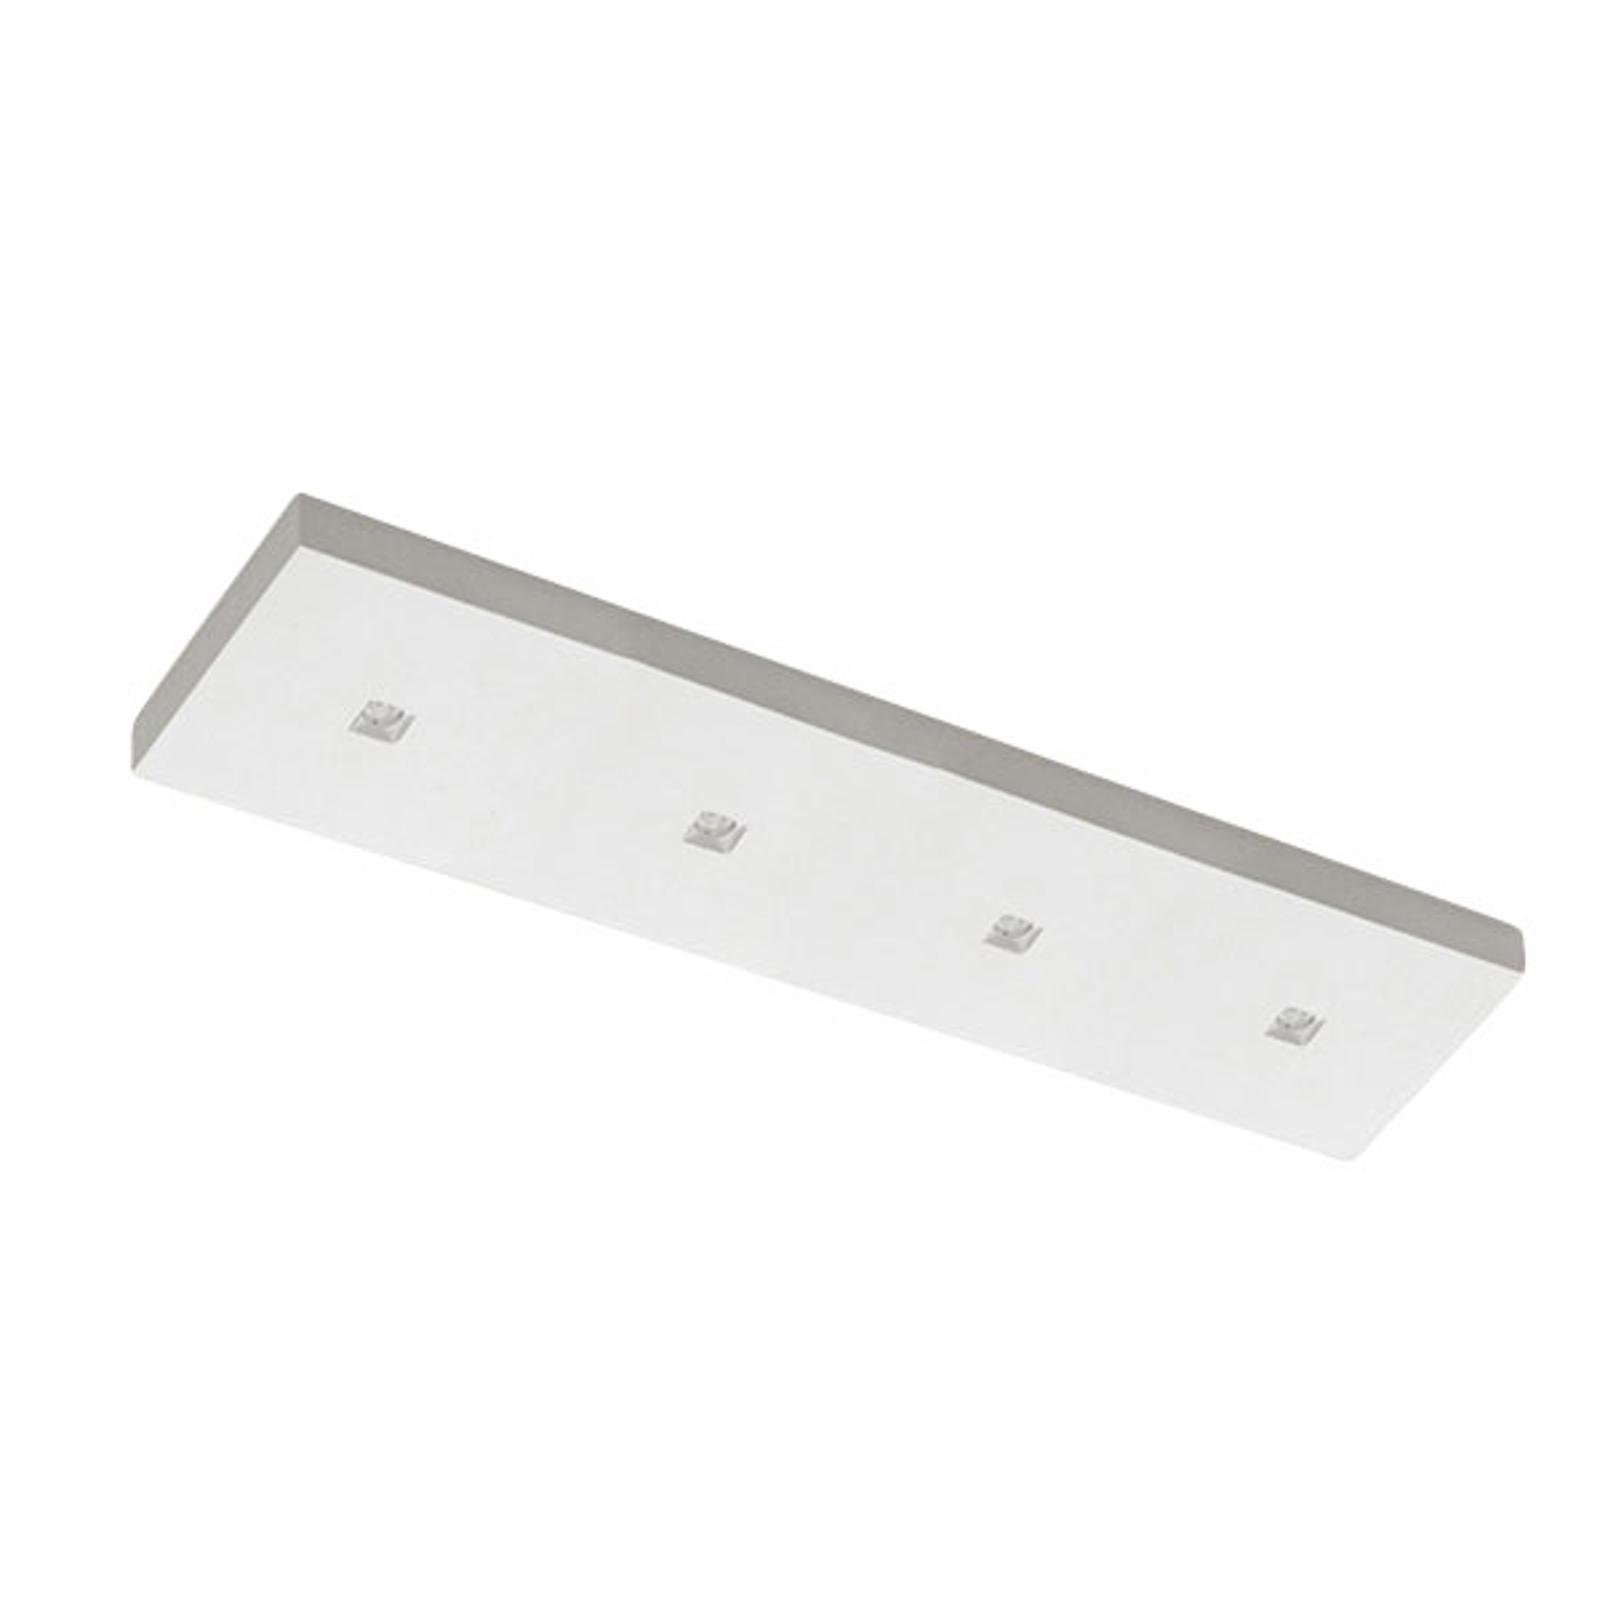 LED-Deckenleuchte 8914D, 4-flg., 2.700 K, dimmbar